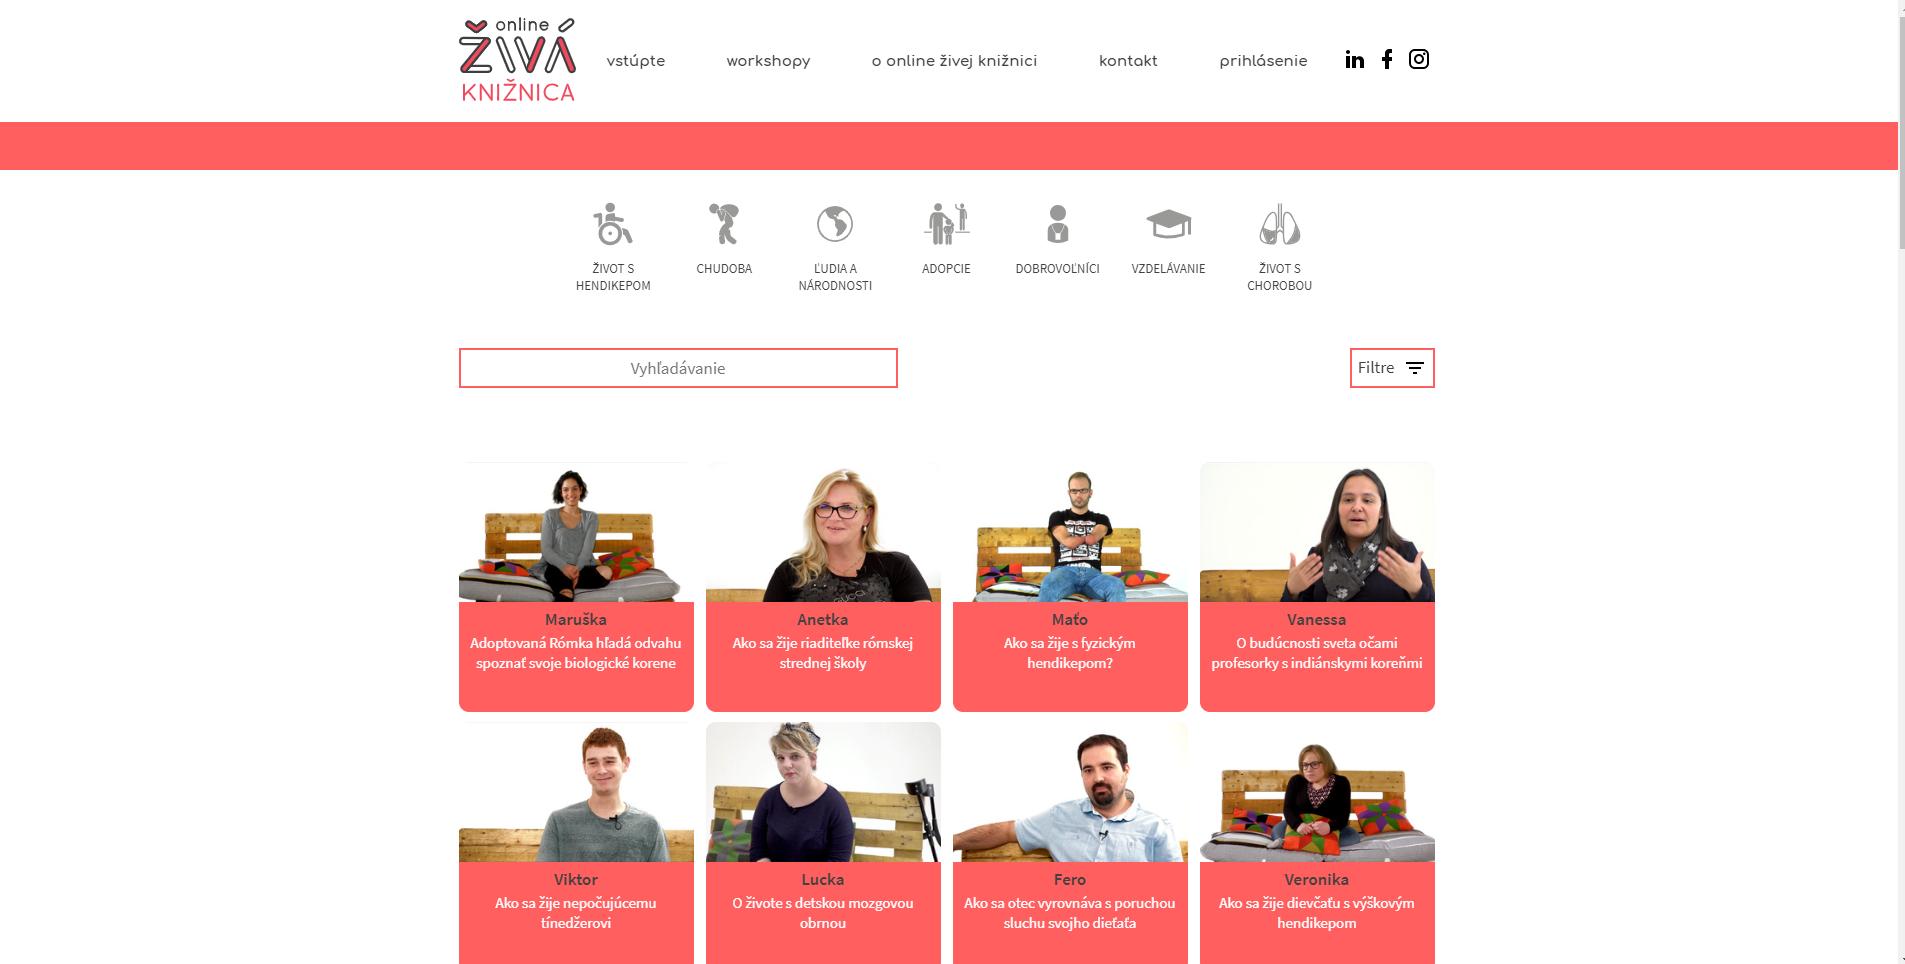 Online živá knižnica pomáha pracovať s našimi predsudkami, dokazujú merania